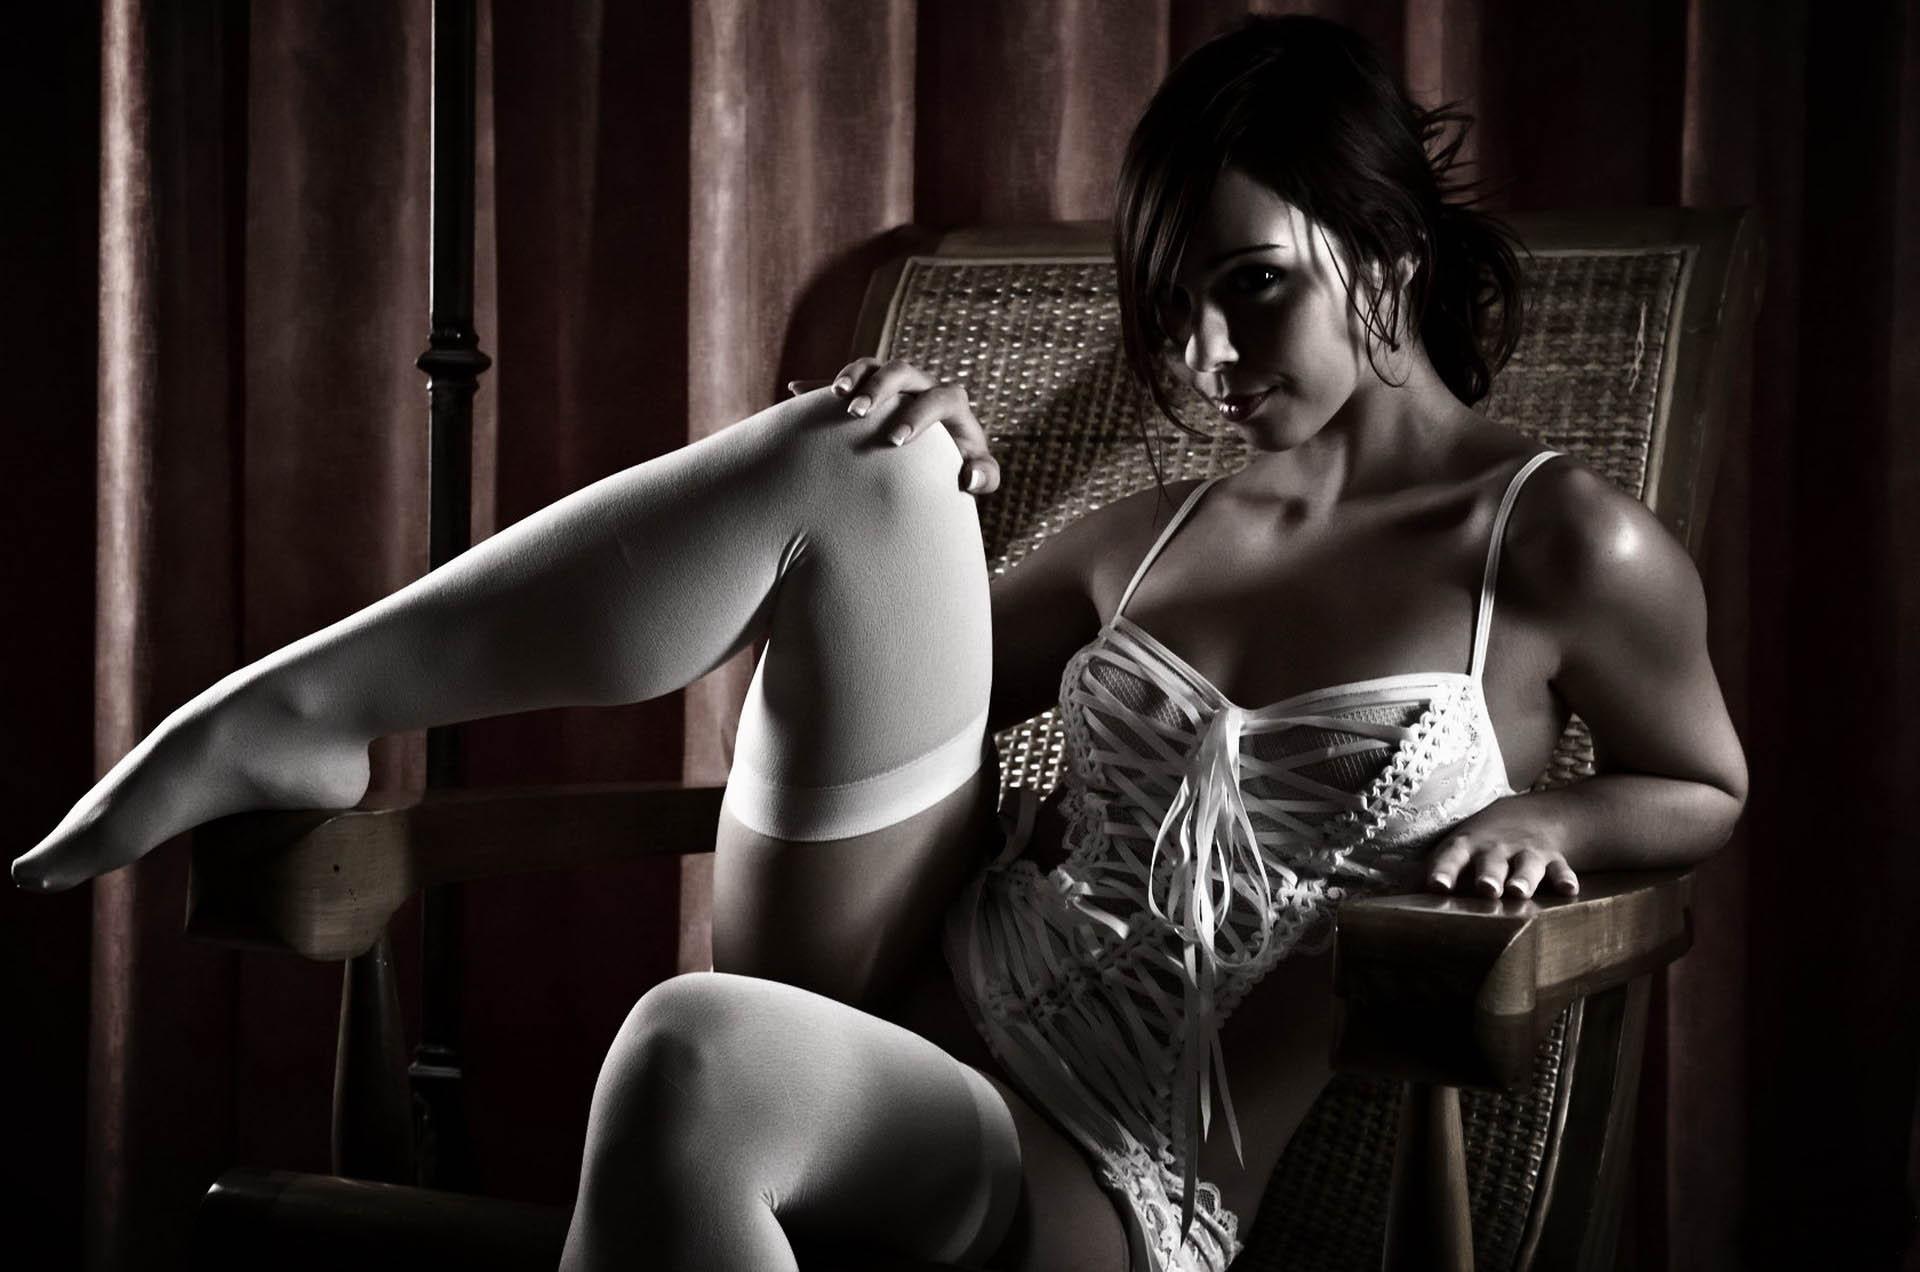 японская гламурная эротика смотреть онлайн в хорошем качестве - 7